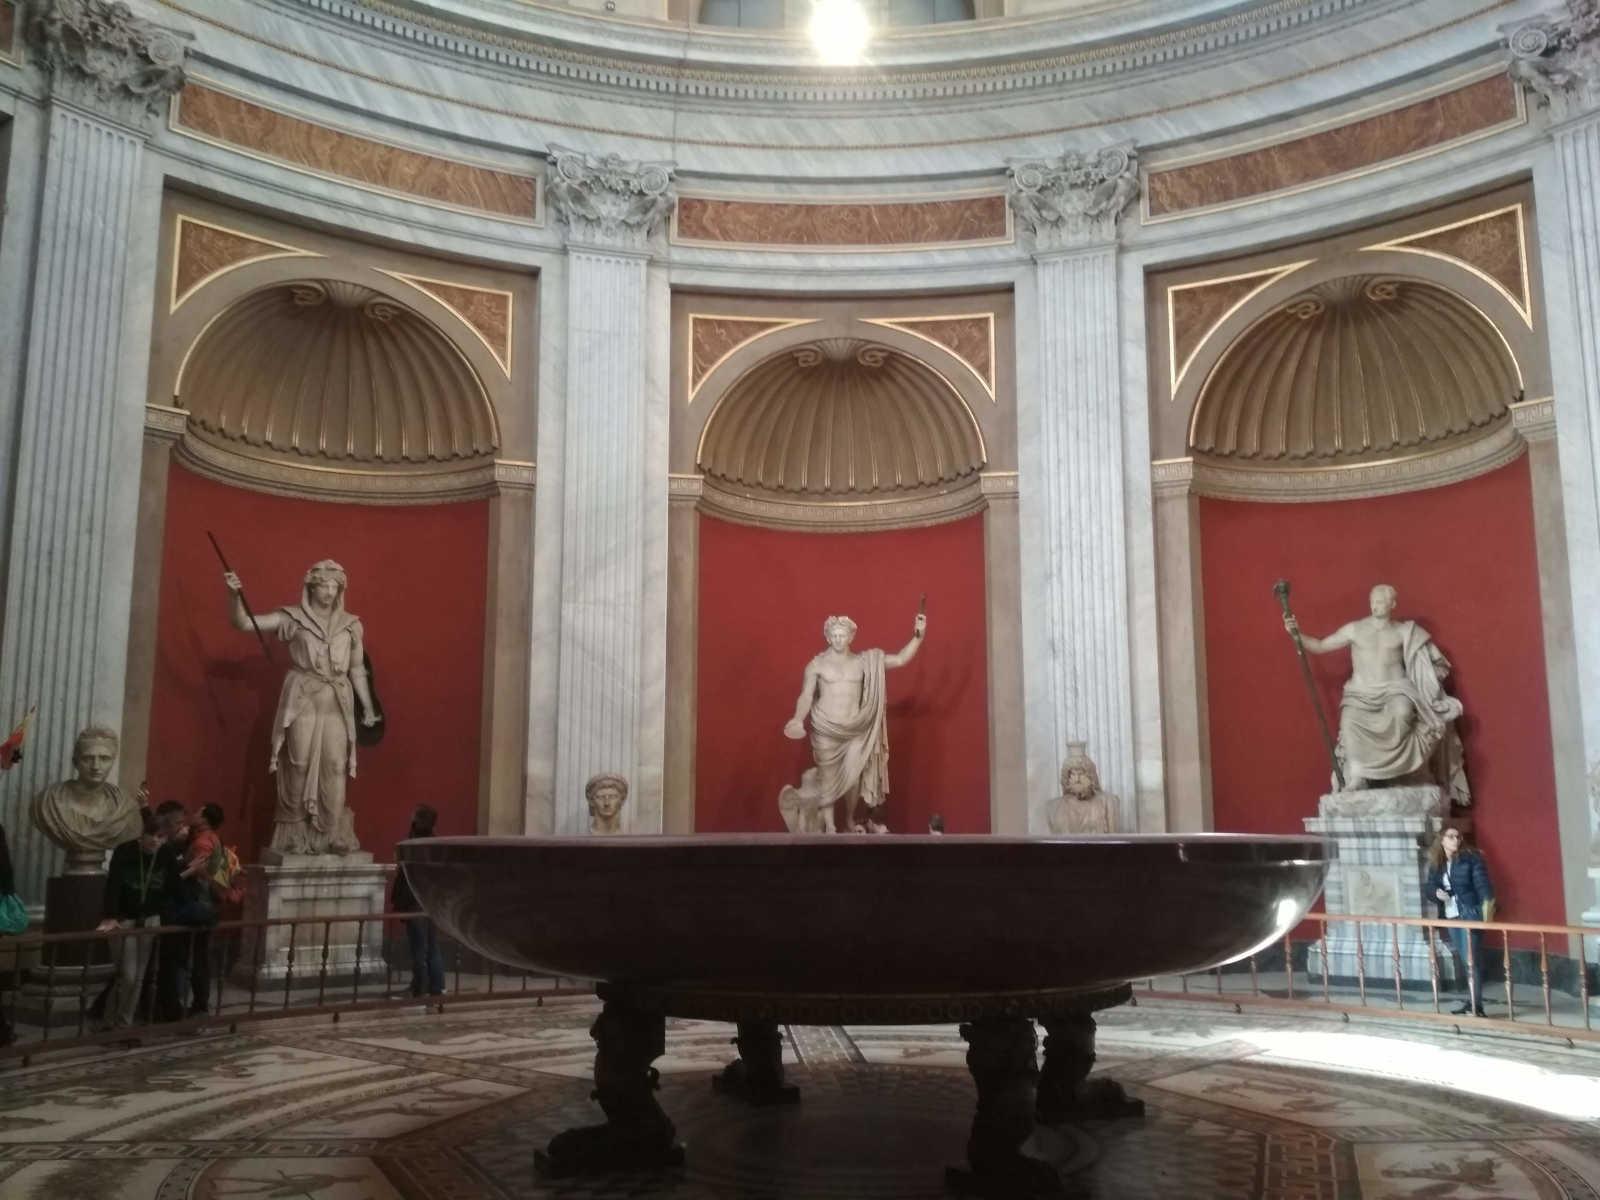 mármol en Roma sala con bañera de porfido rojo